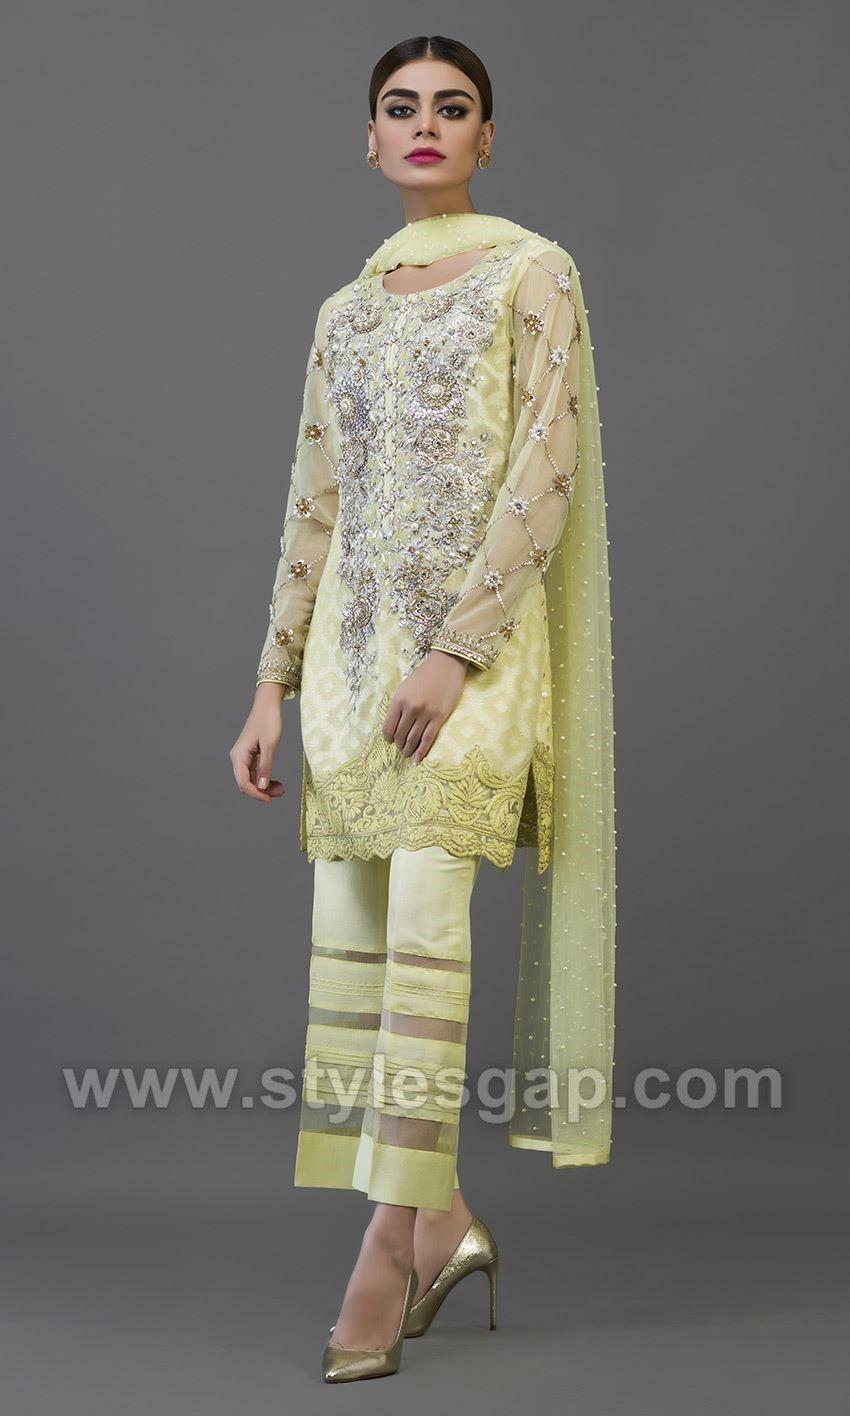 Top must follow best eid dressing u styling trends dress